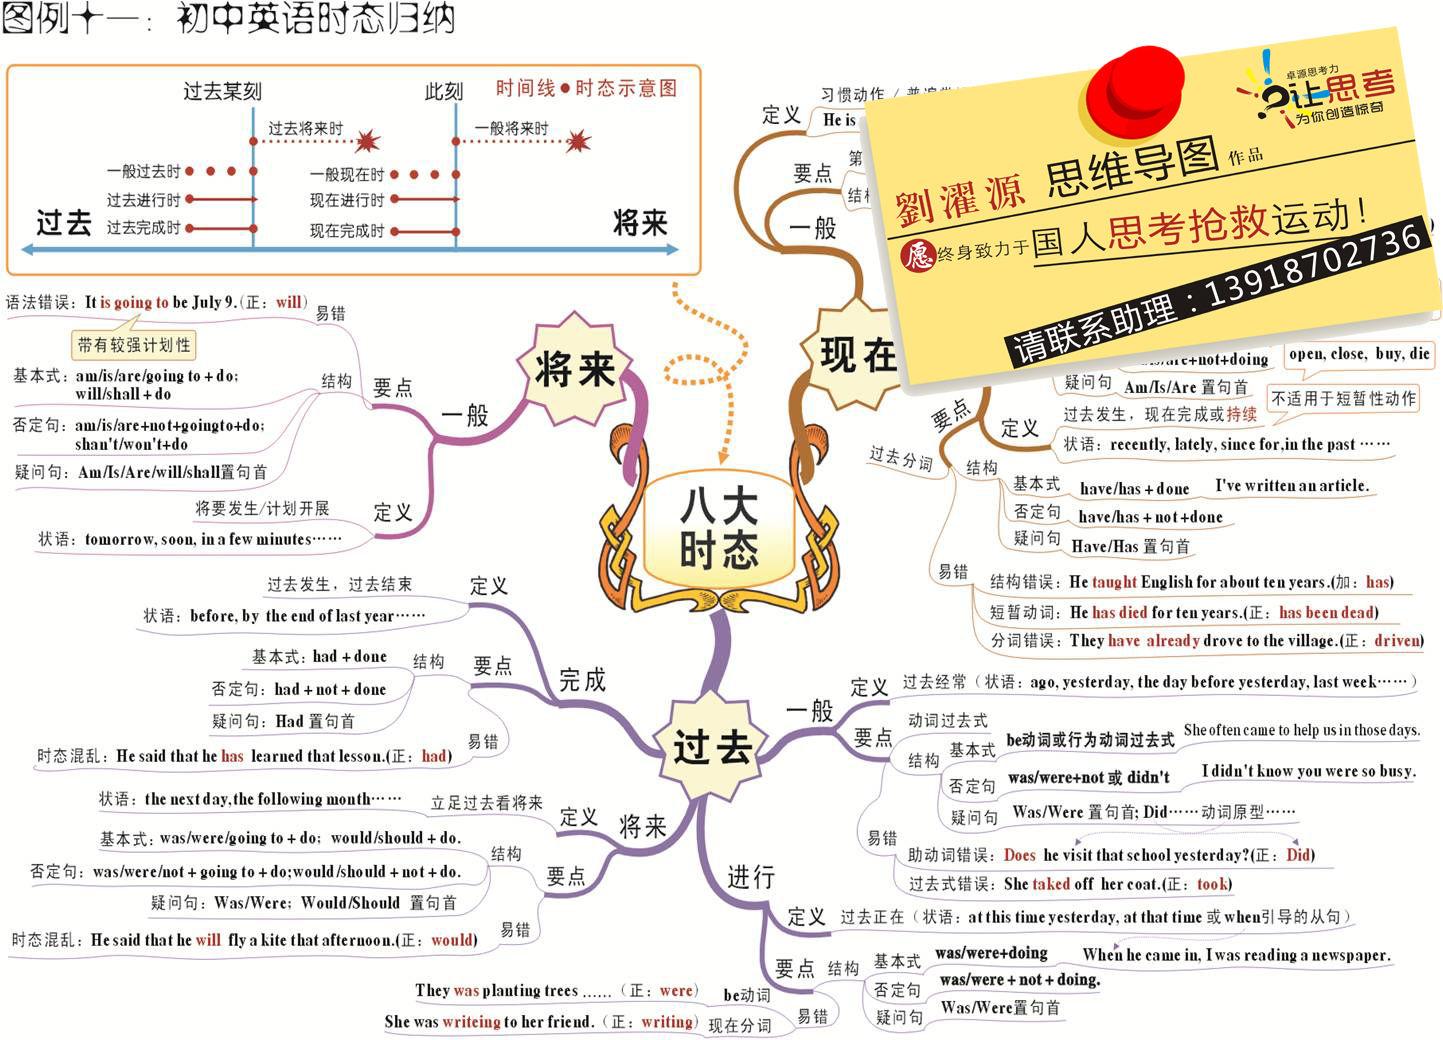 柳州市哪个书店有初中英语巜思维导图》这本书呢?图片